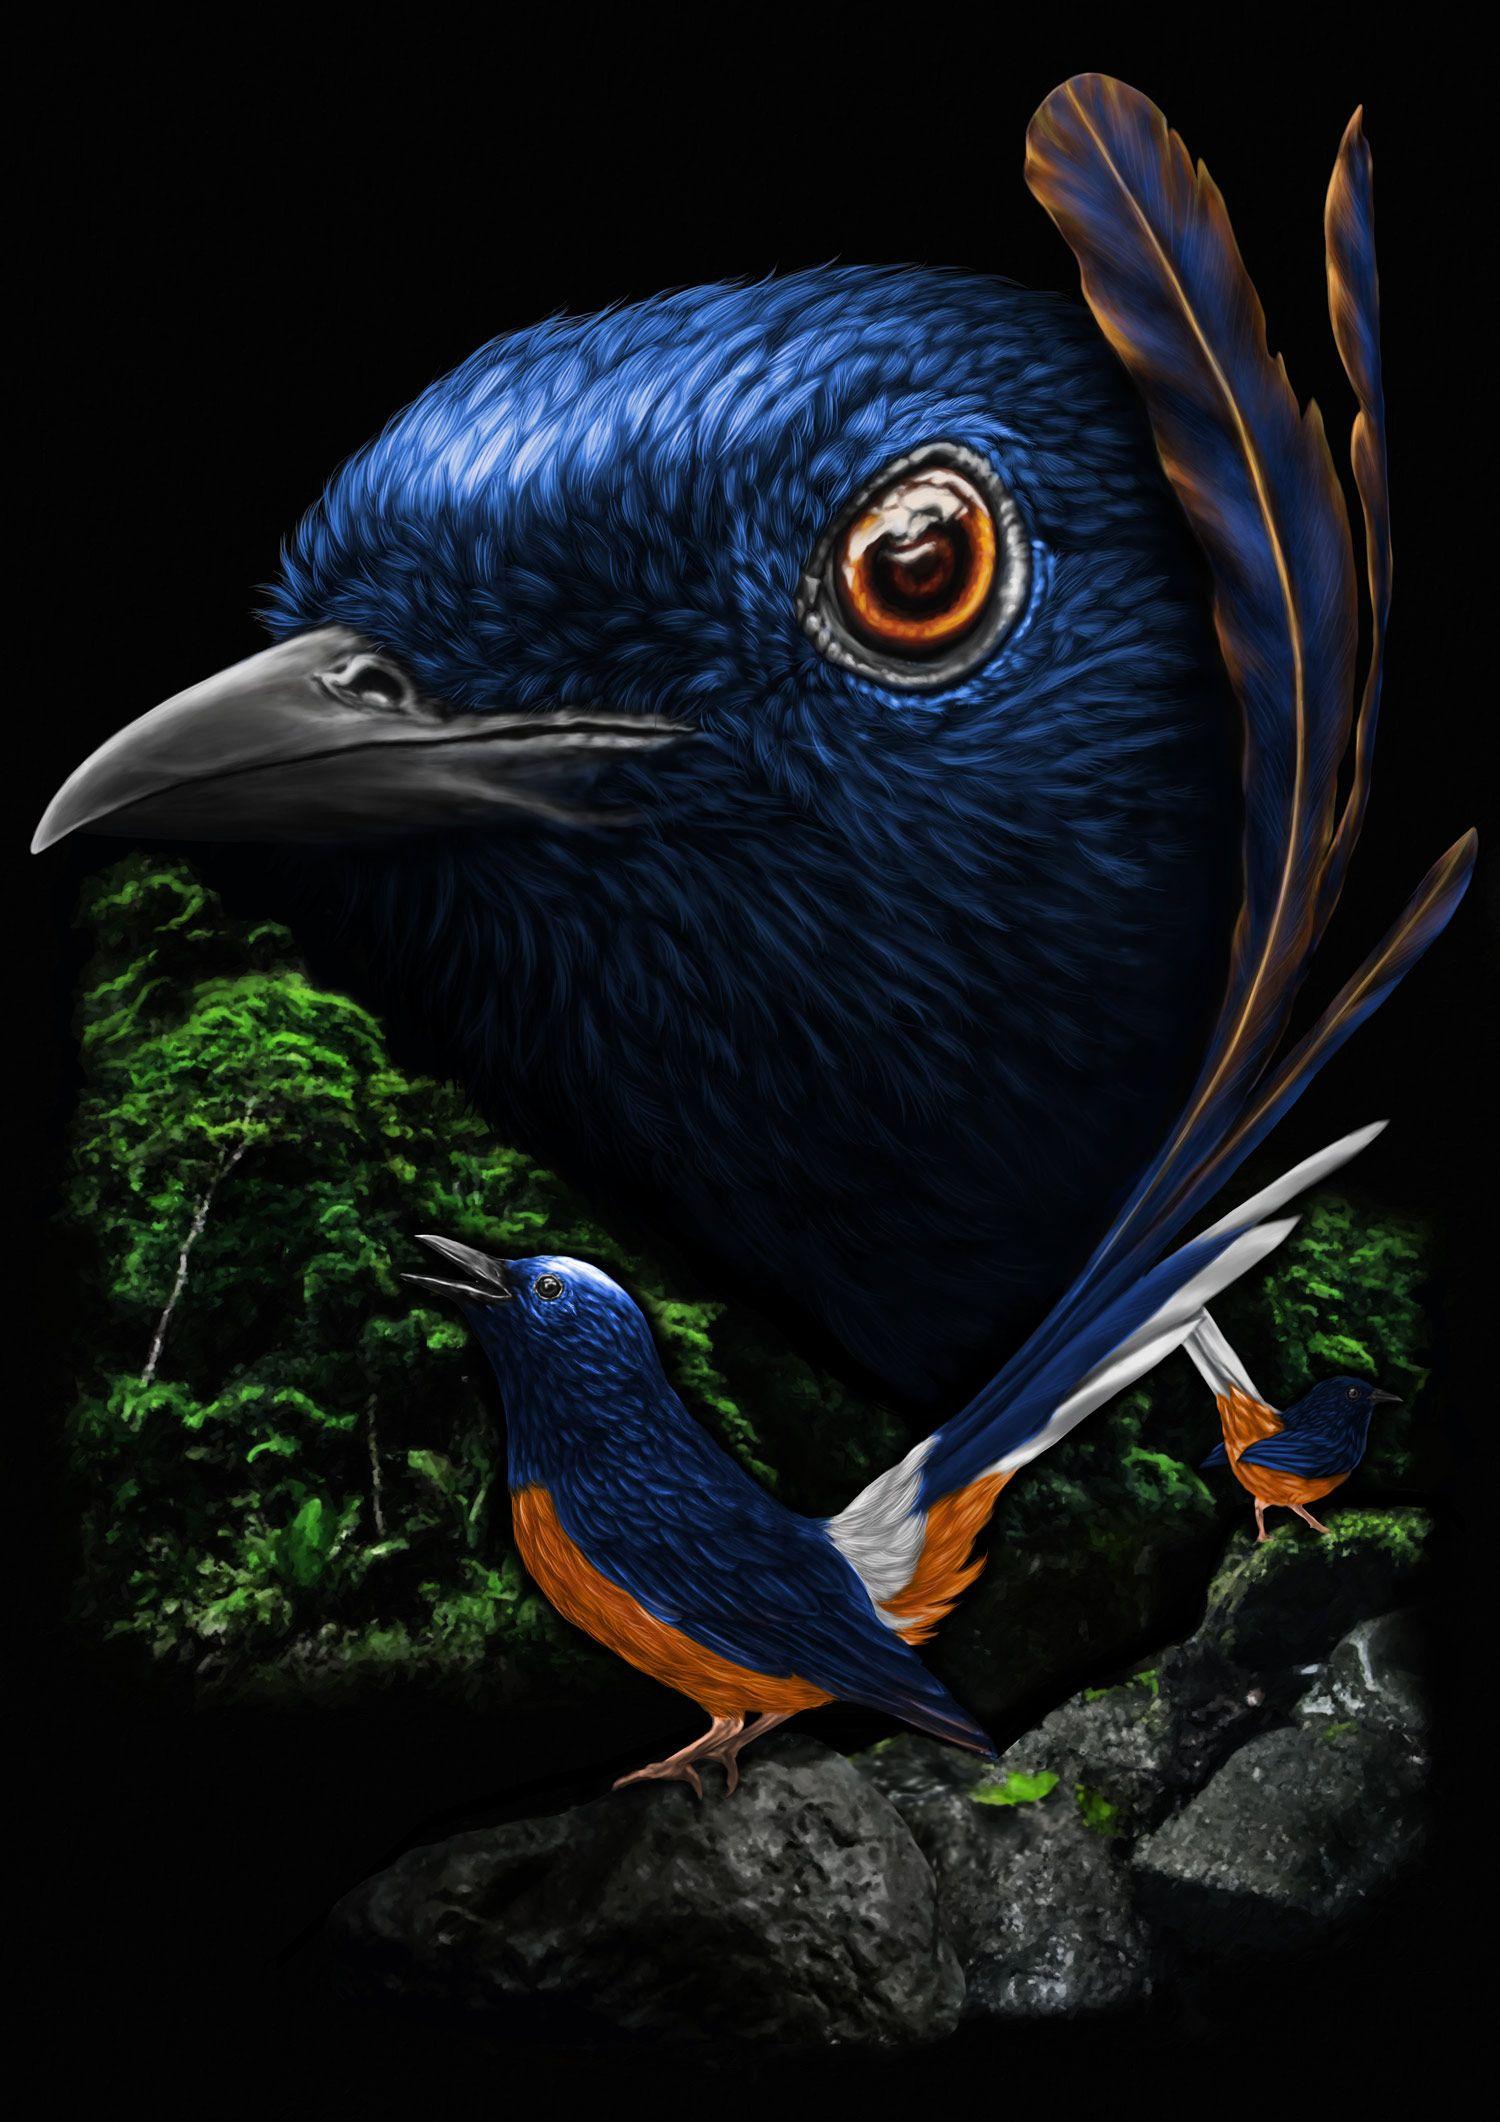 Murai Batu Birds Binatang Hewan Murai